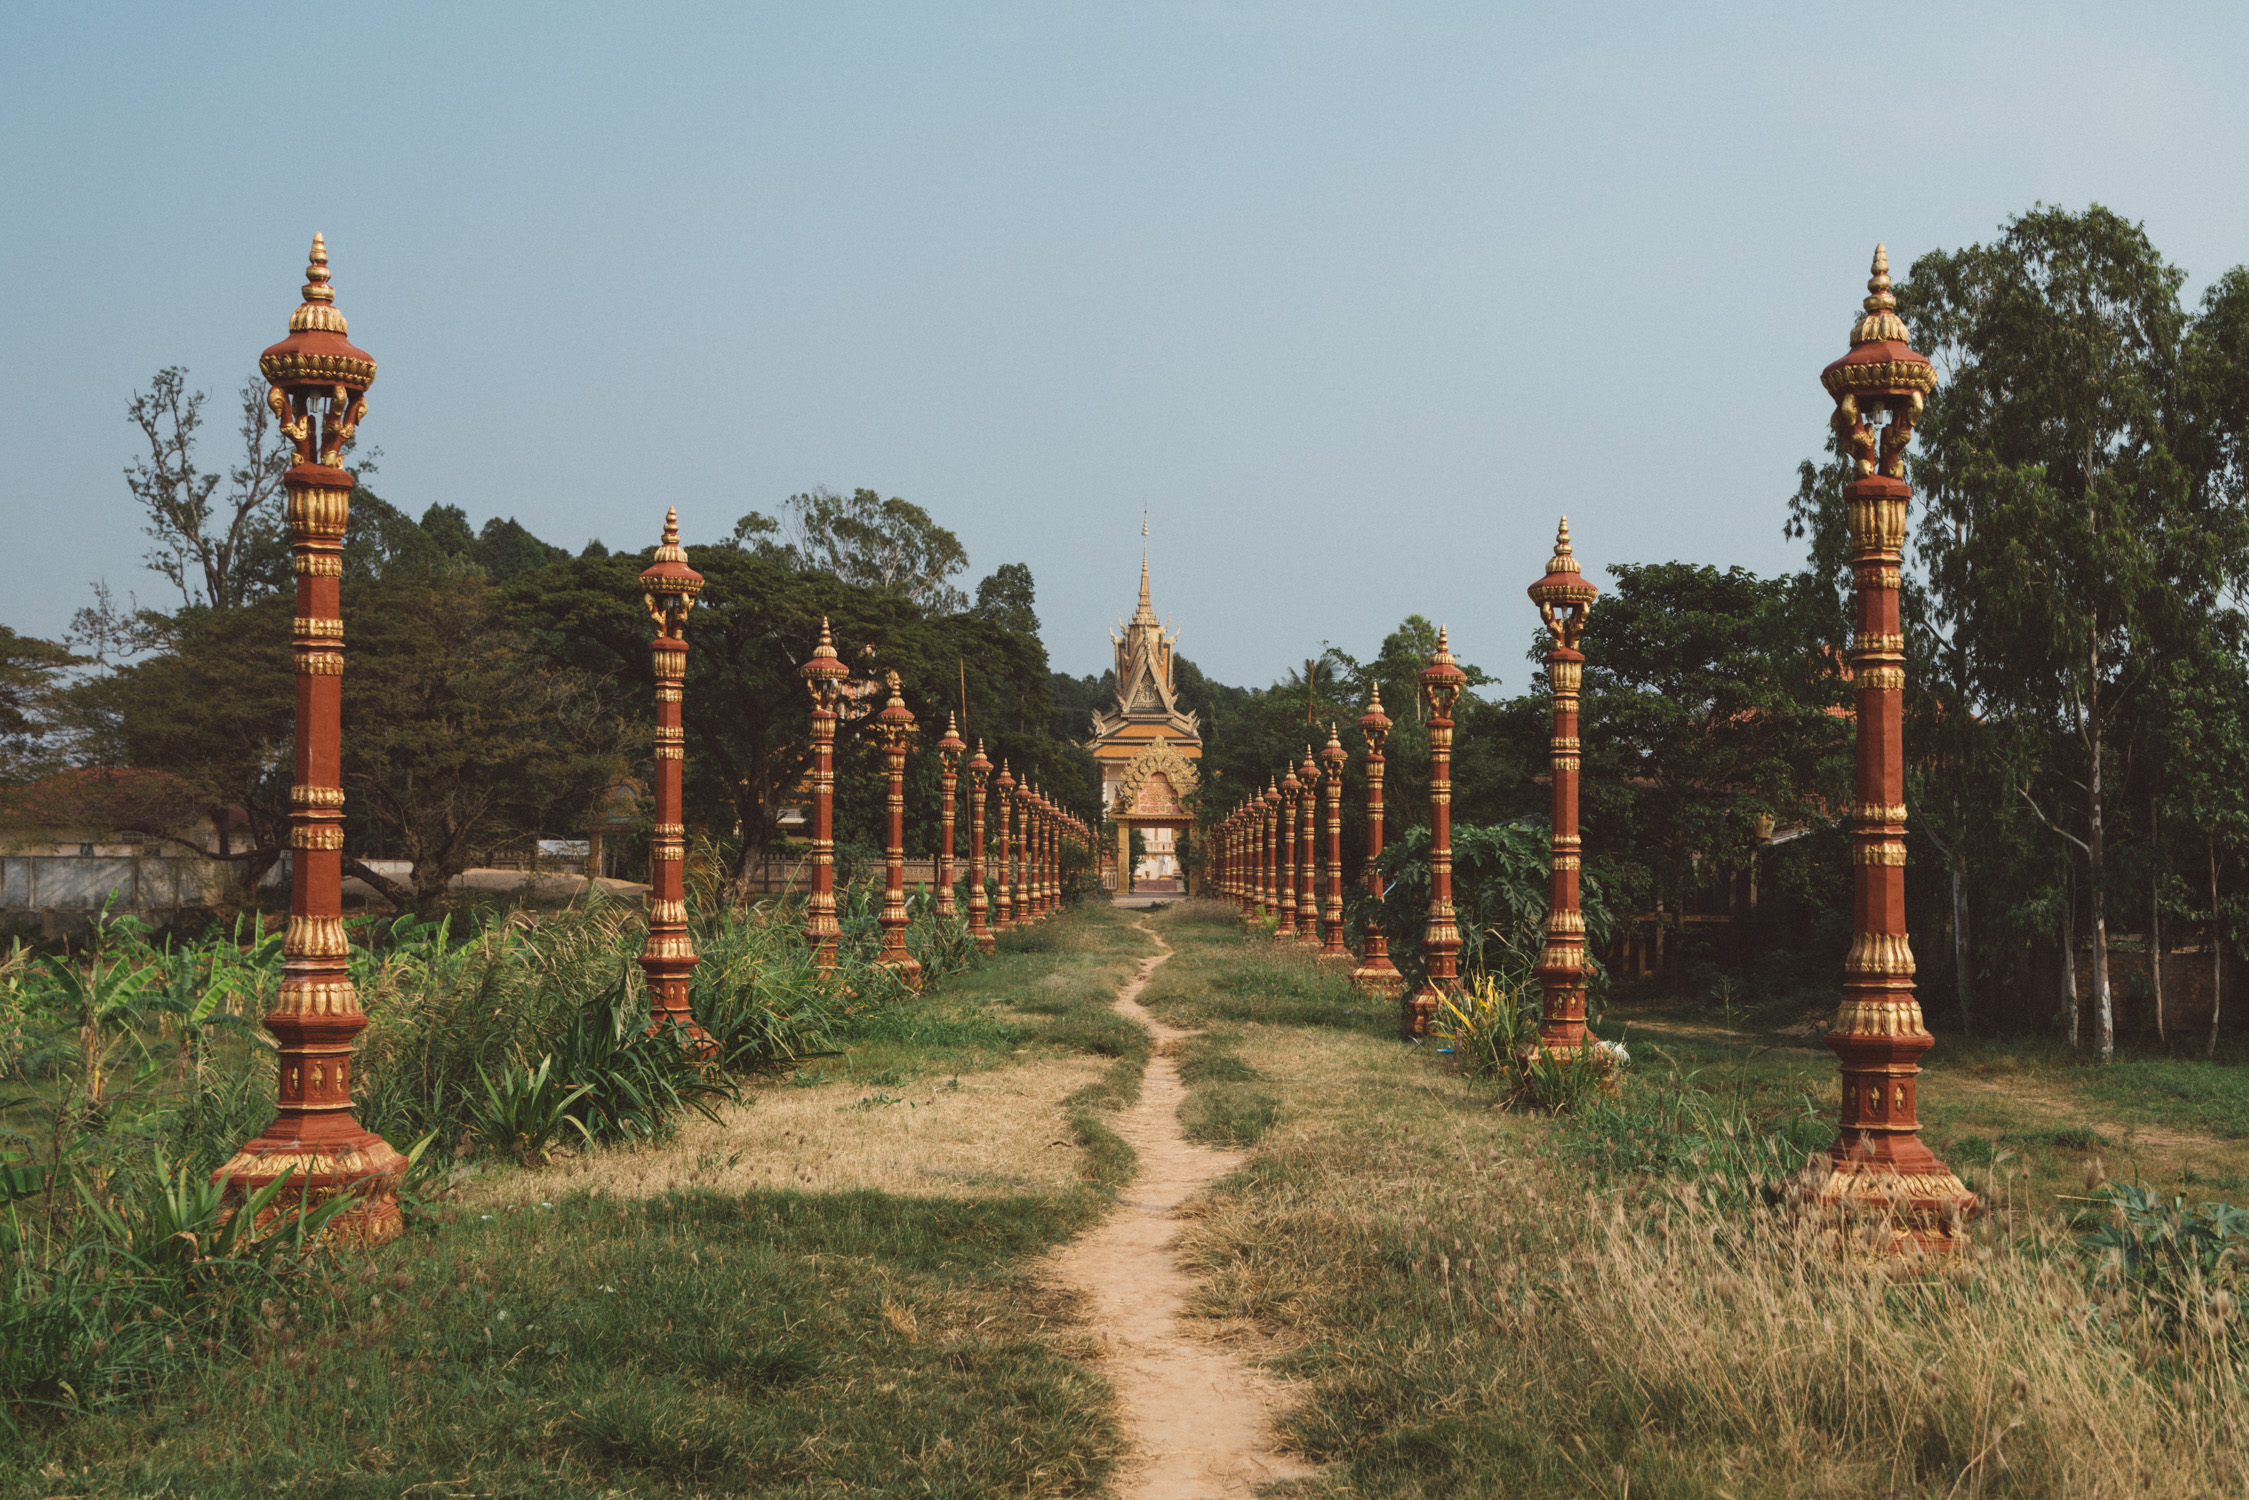 Island near Phnom penh [David Tan]